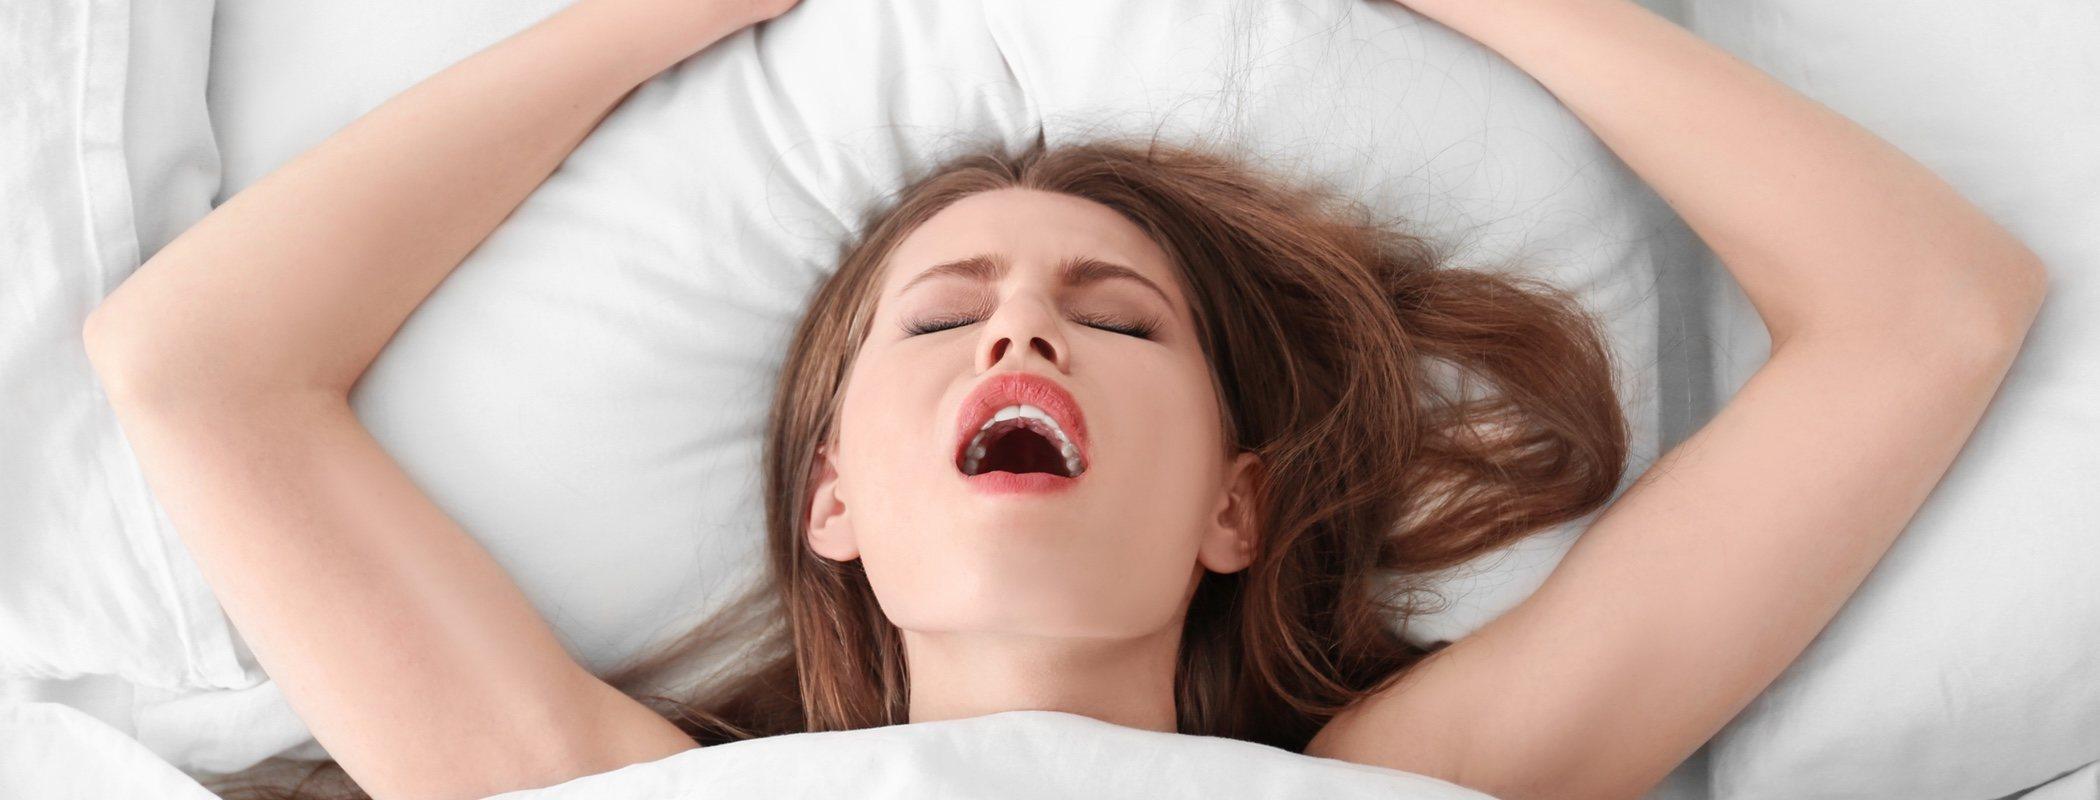 Claves para conseguir el orgasmo vaginal